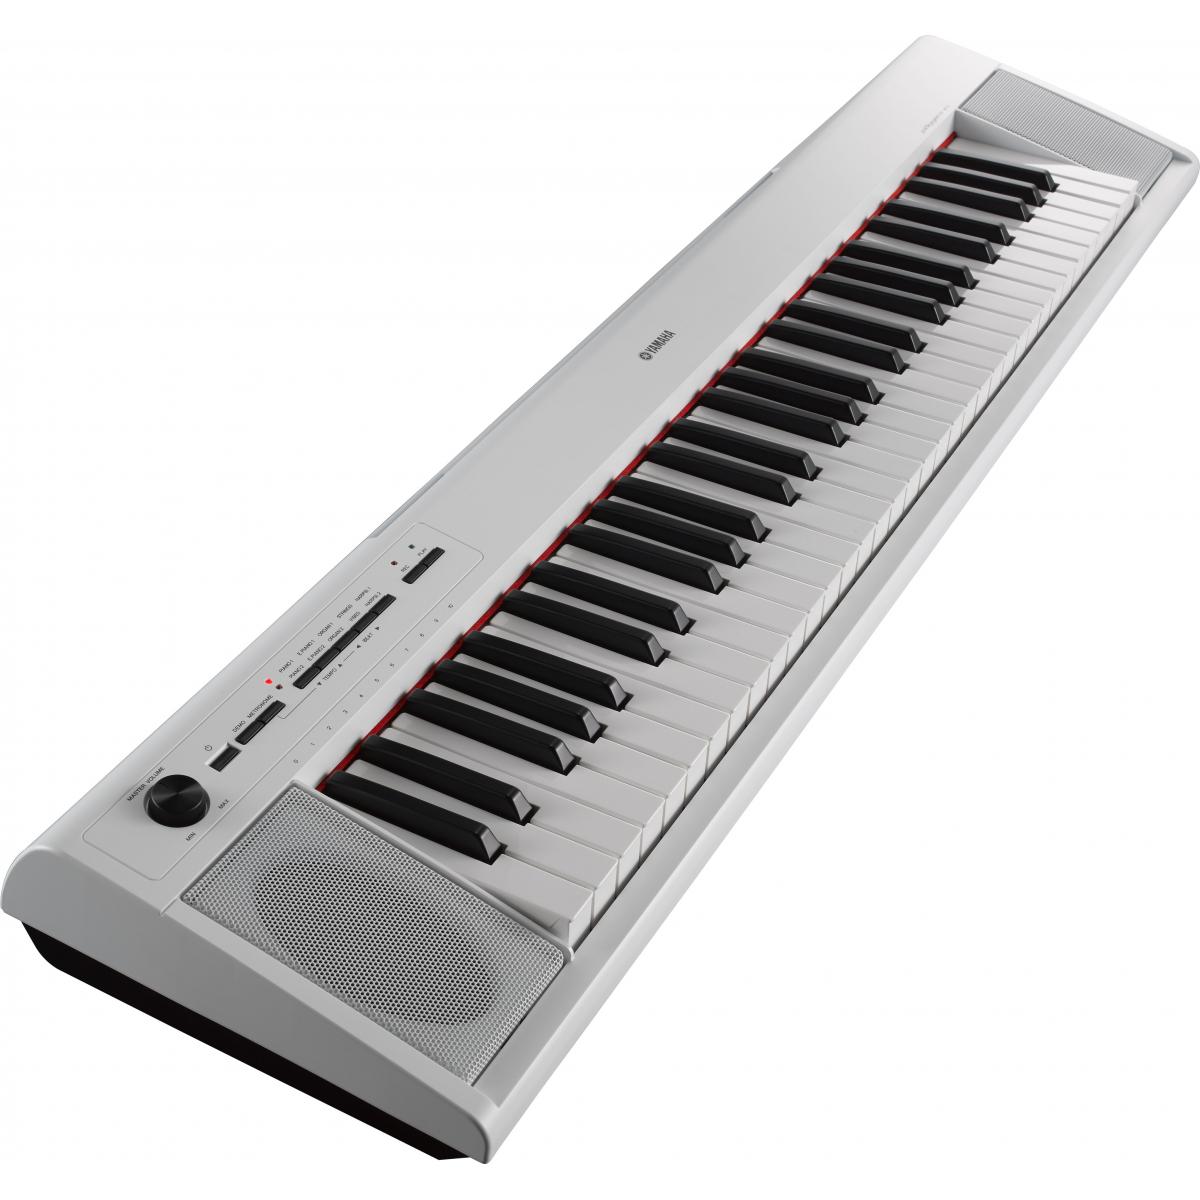 Claviers arrangeurs - Yamaha - NP-12 (BLANC)